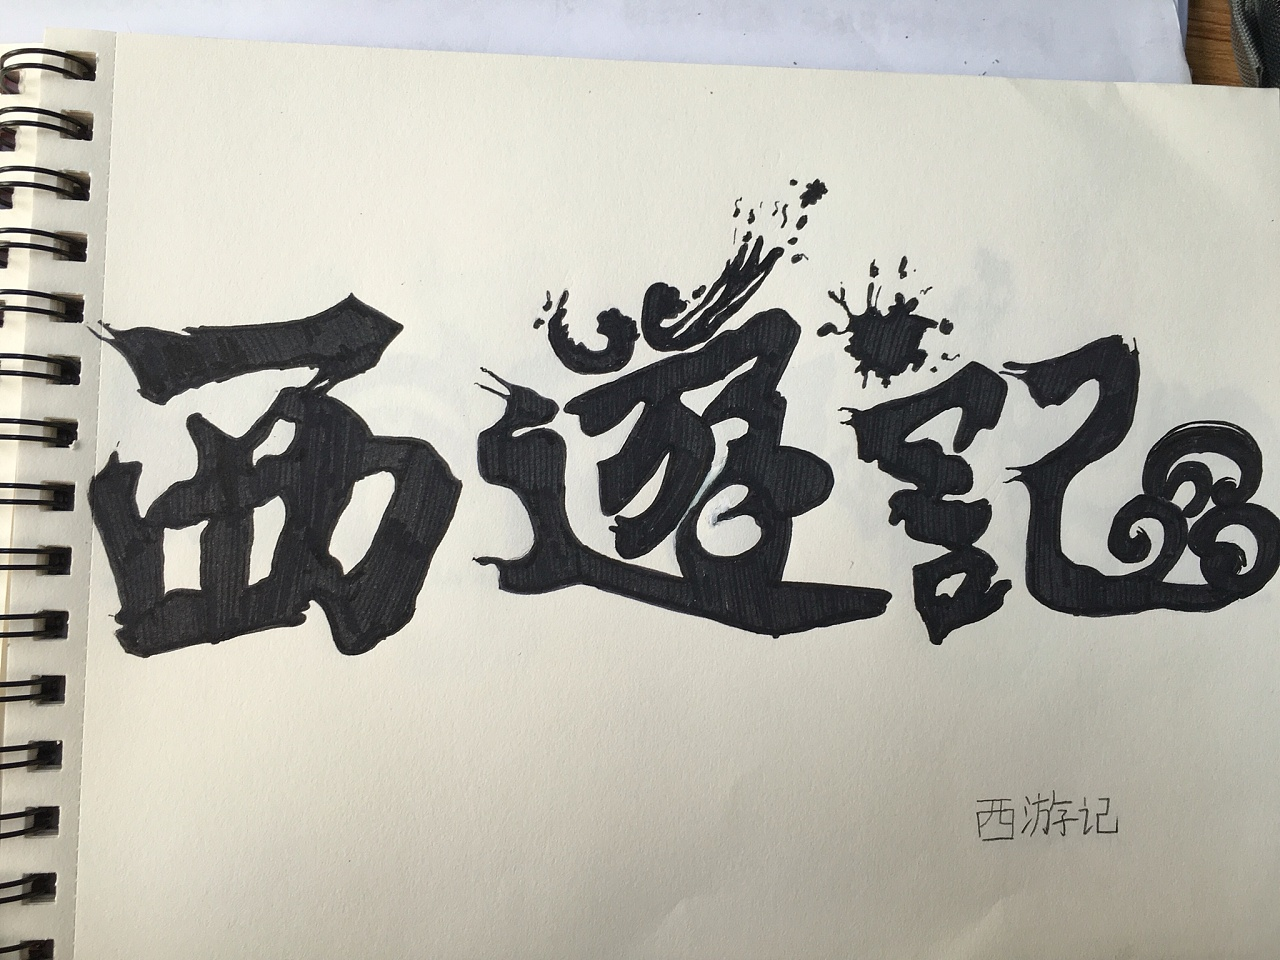 西游记字体手绘